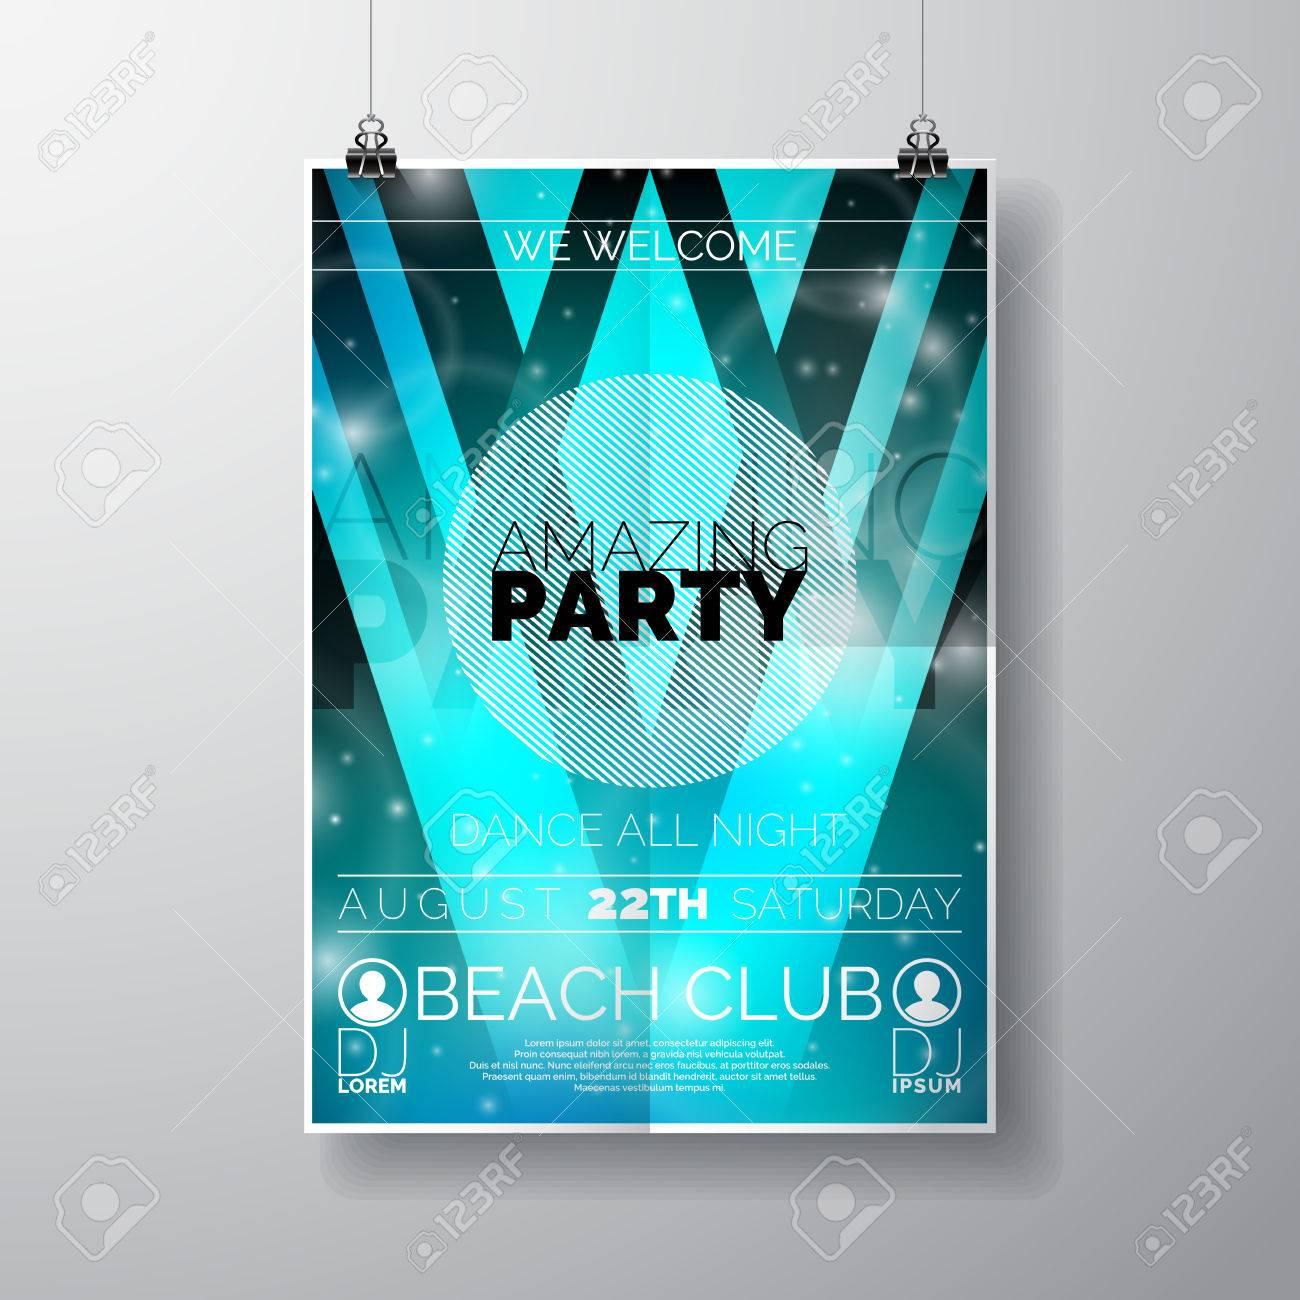 Vector Party Flyer Poster Vorlage Auf Sommer-Strand-Thema Mit ...